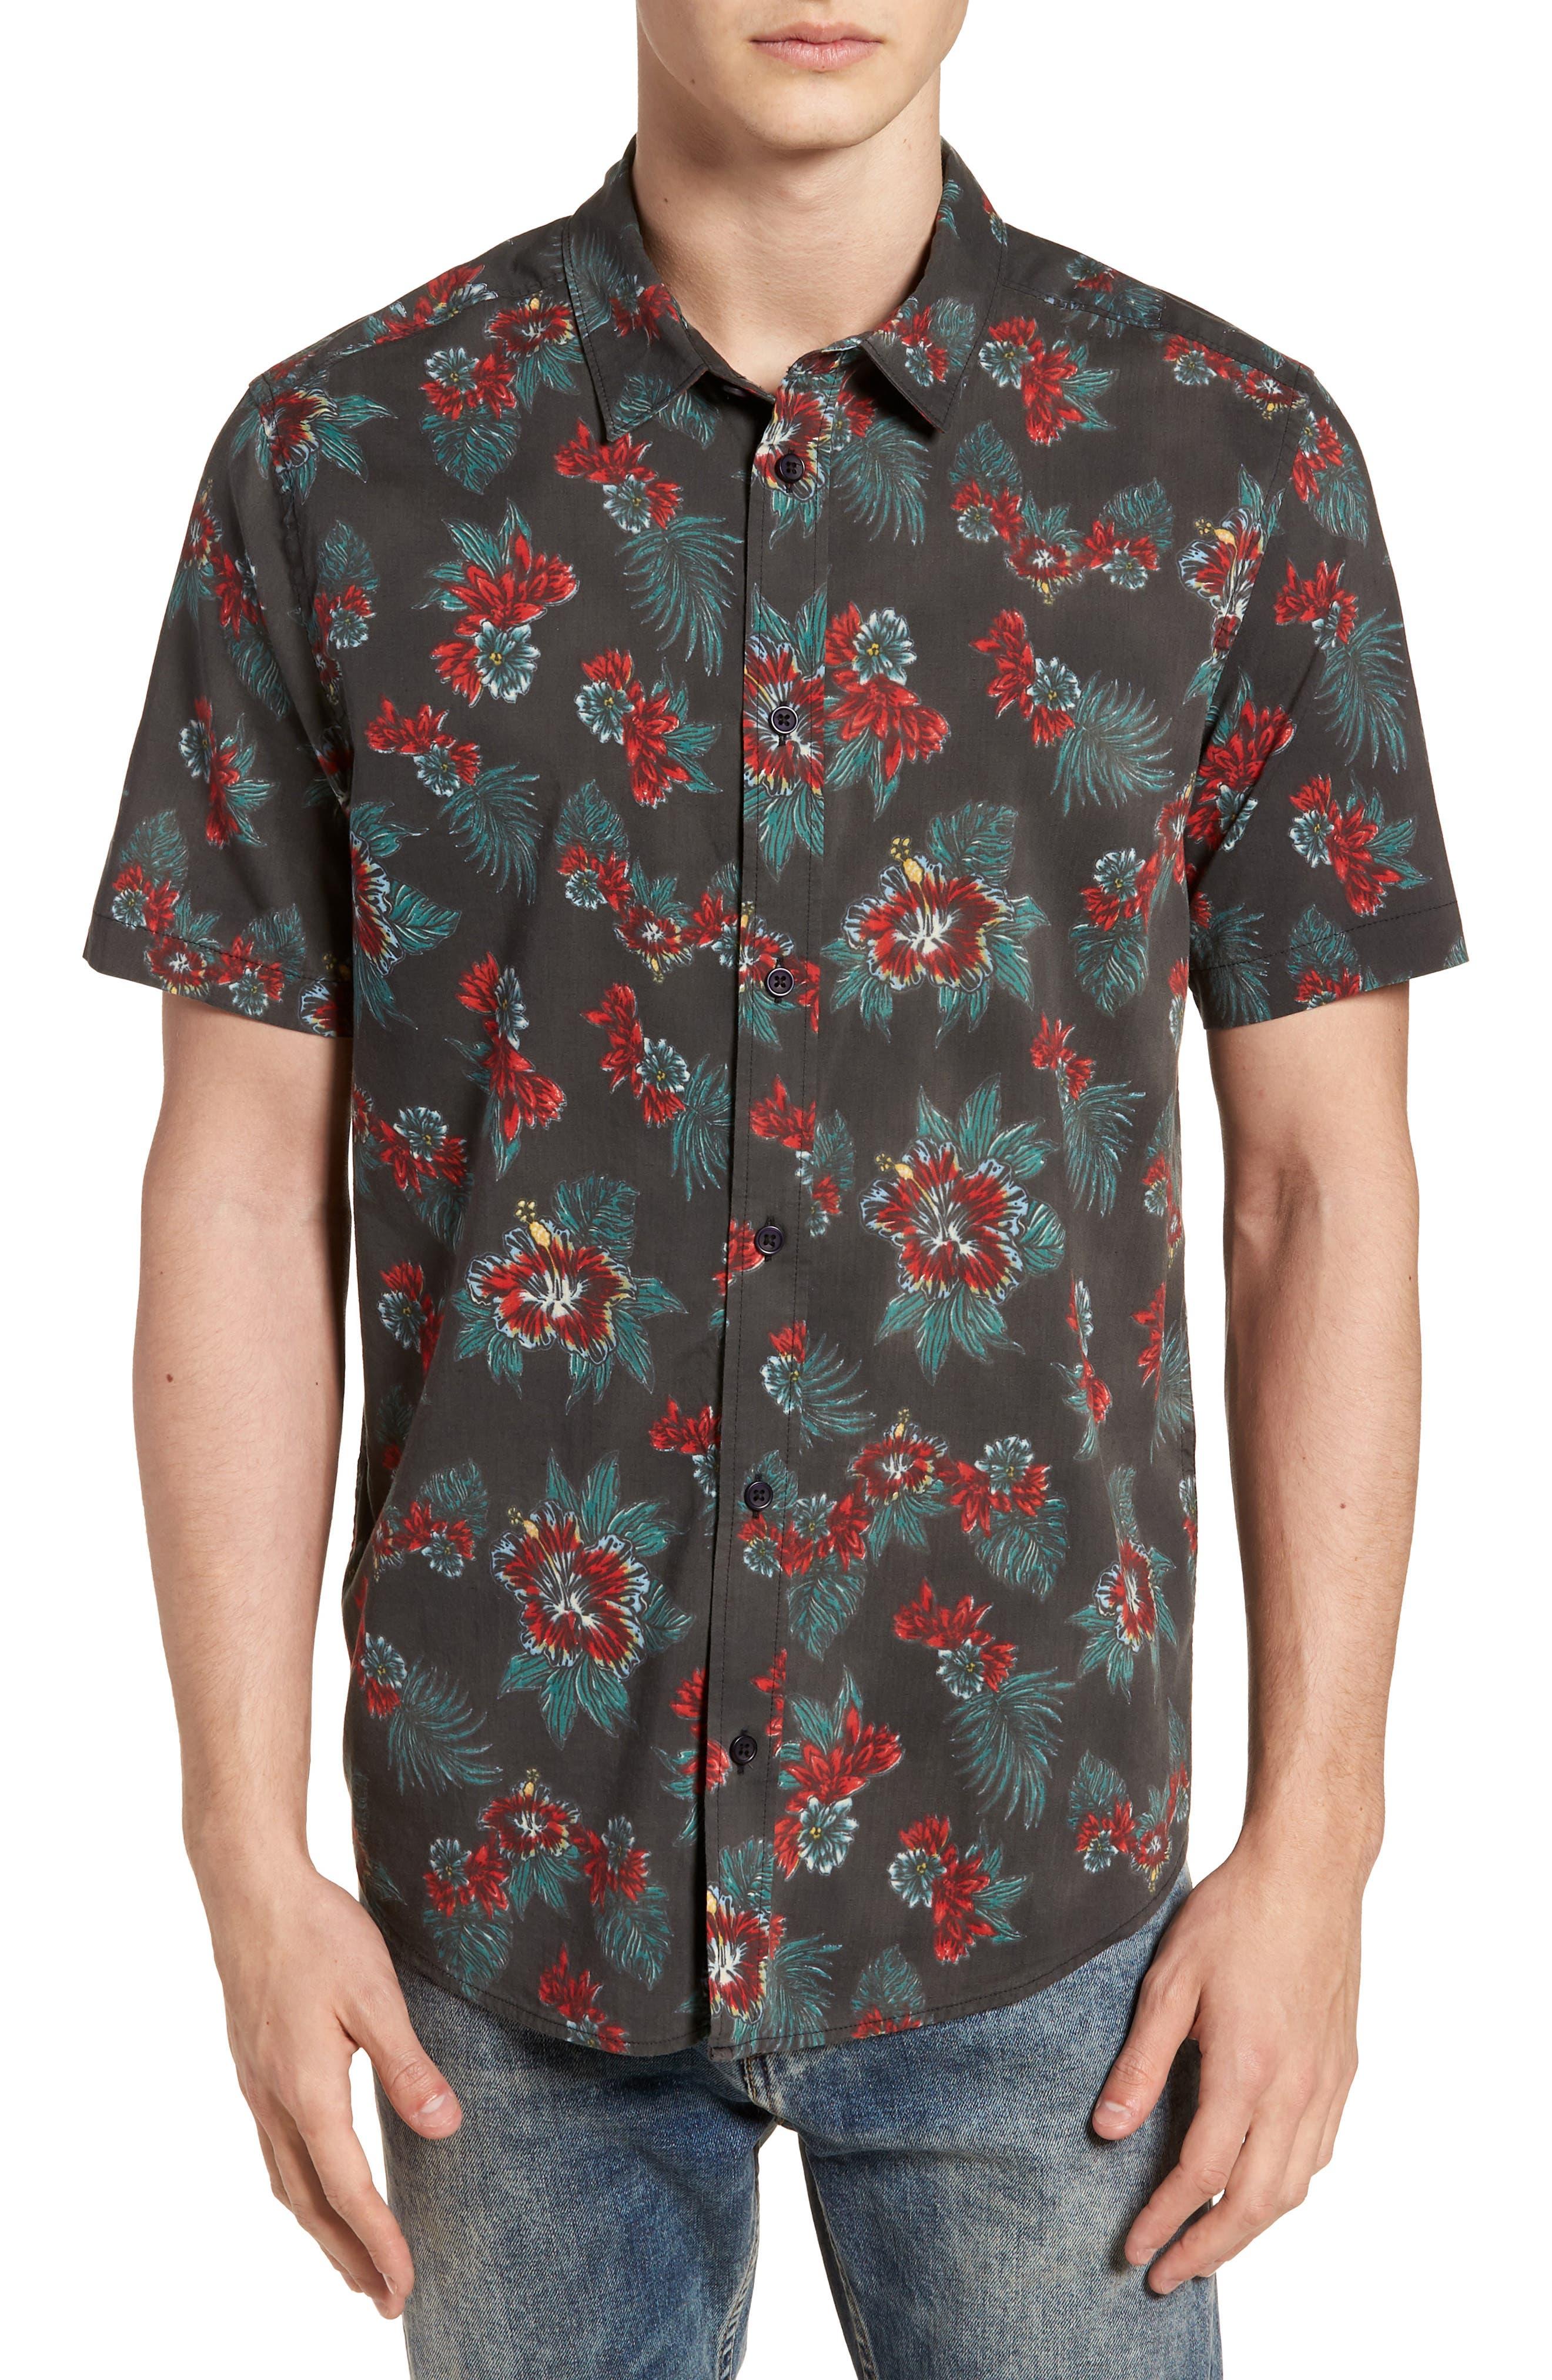 McMillan Floral Woven Shirt,                             Main thumbnail 1, color,                             001